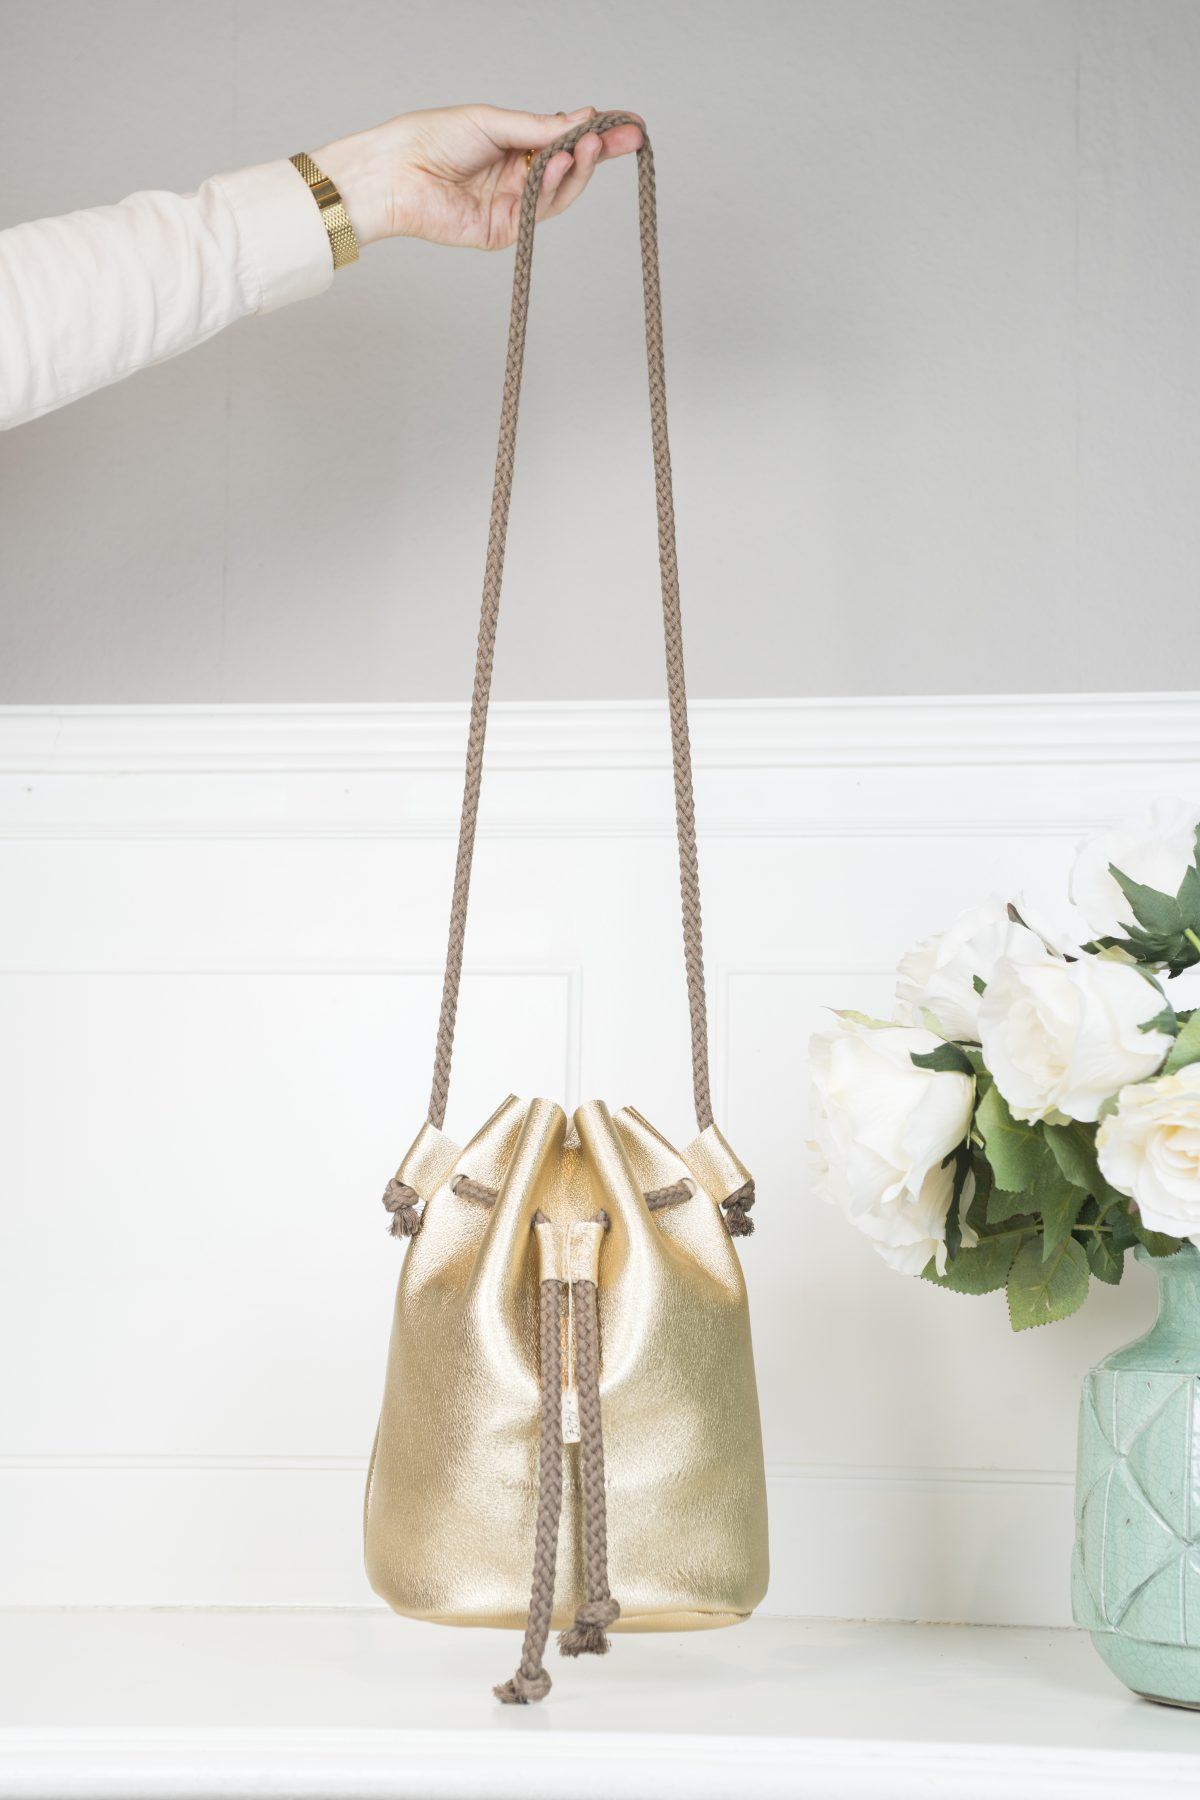 Die Beuteltasche Fastly ist in metallic gold gehalten und besitzt eine Kordel aus Naturfarben zum Schließen und Umhängen